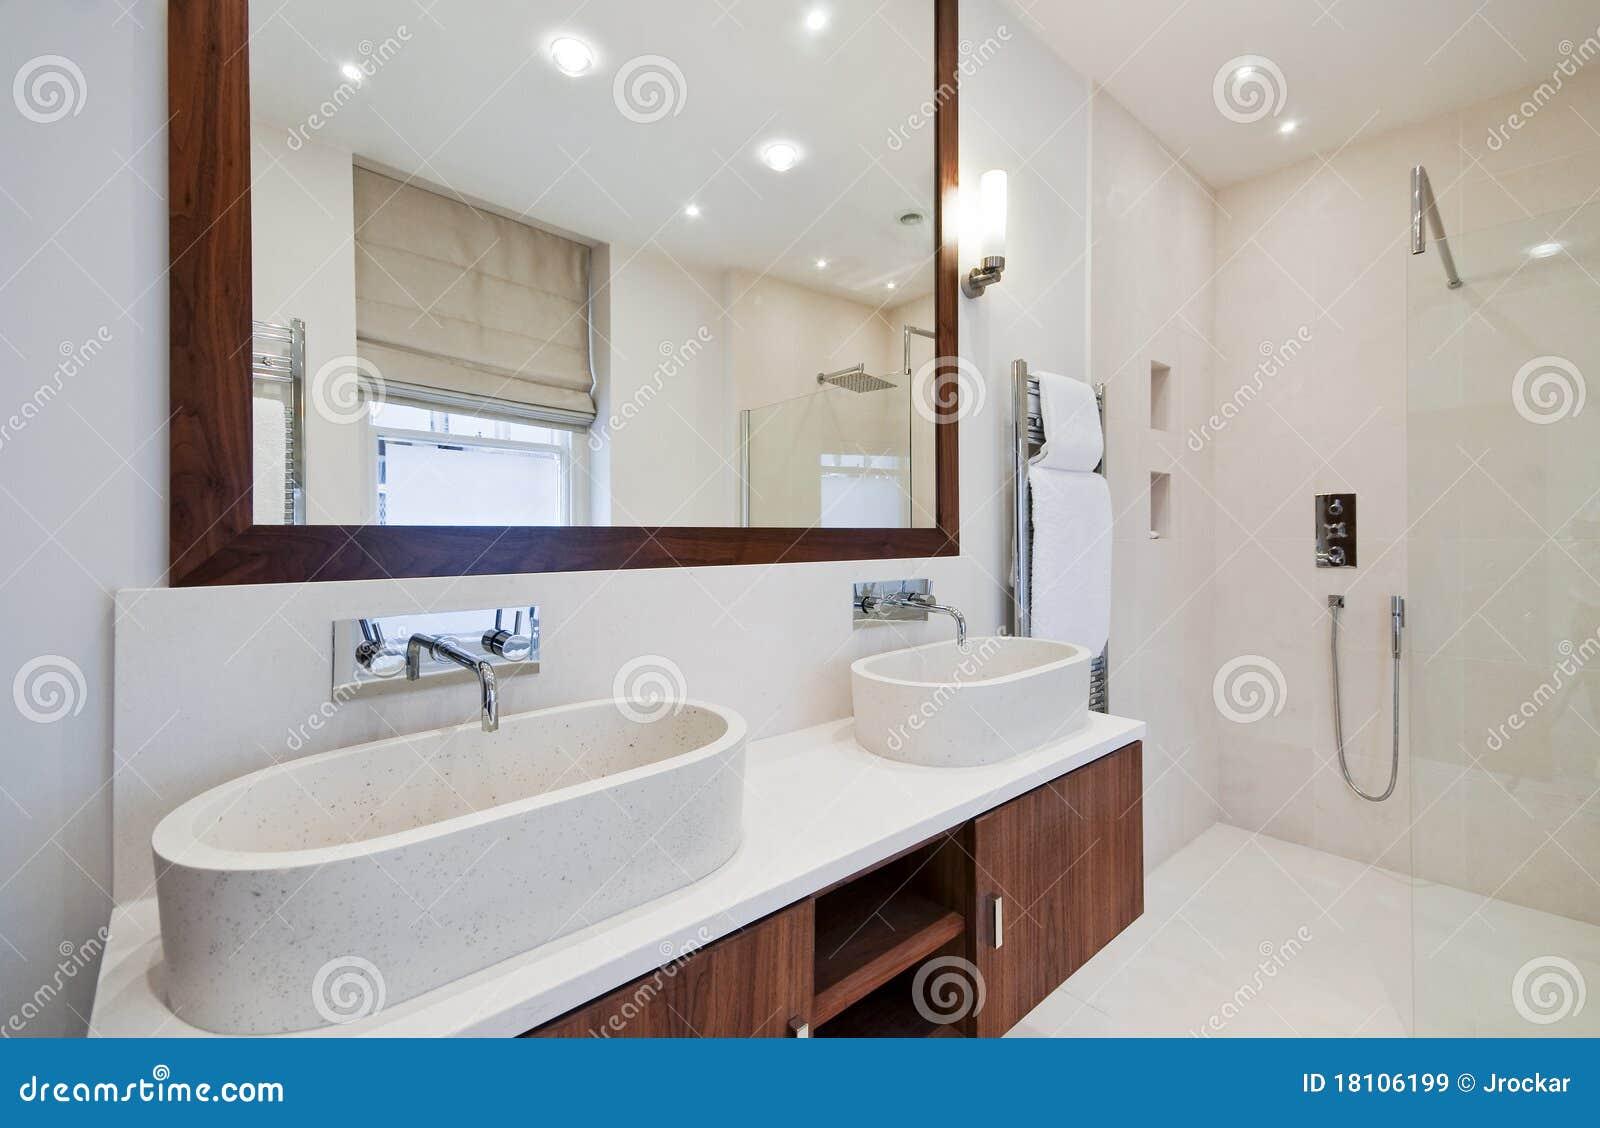 salle de bains avec le double lavabo de main images libres de droits image 18106199. Black Bedroom Furniture Sets. Home Design Ideas